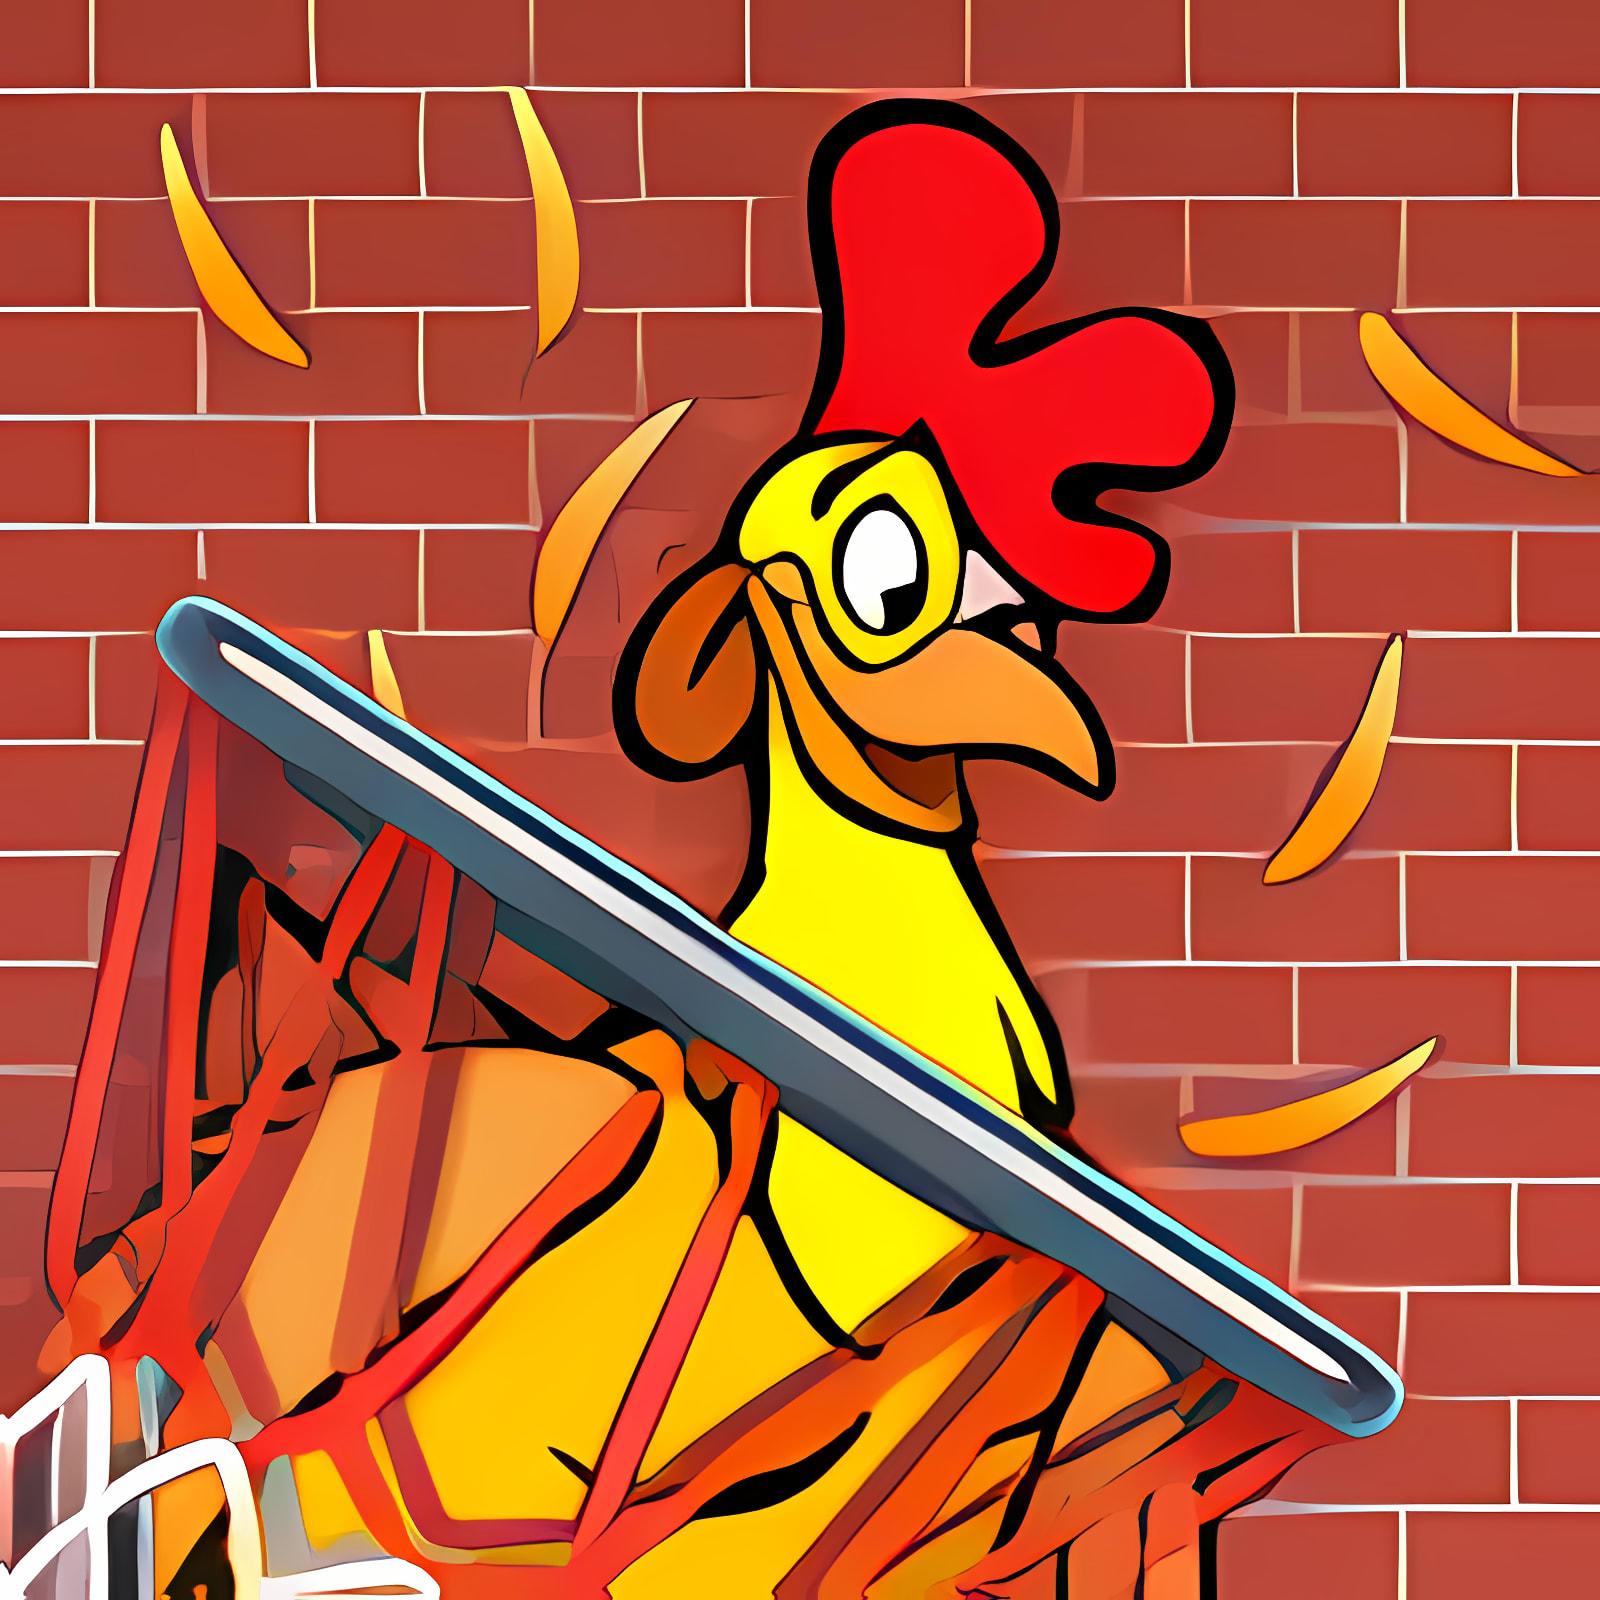 Los Chickens 1.2